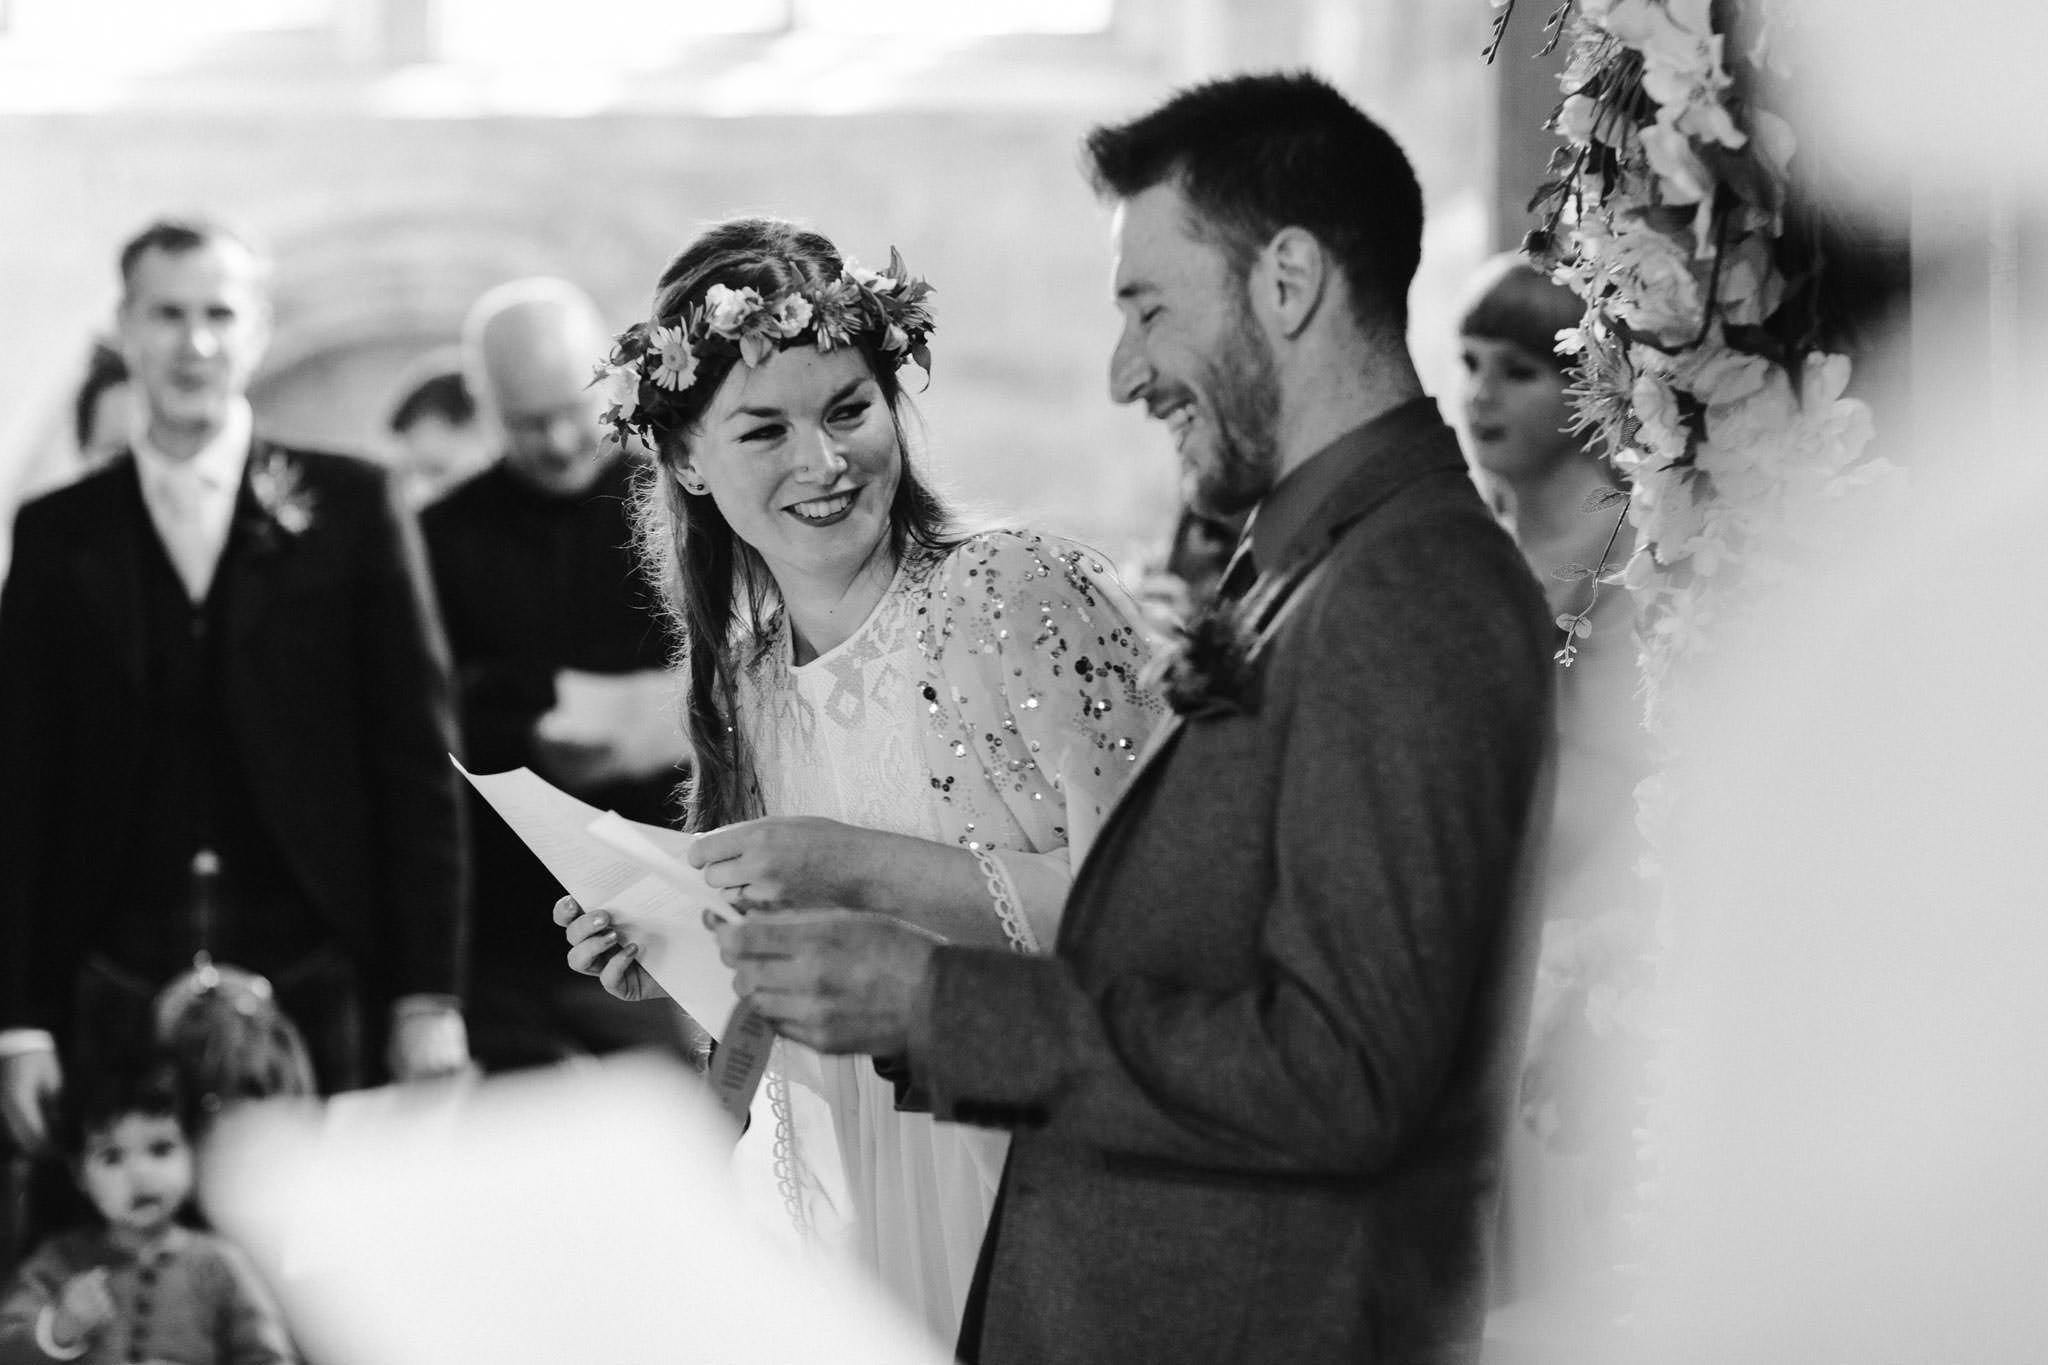 scottish-wedding-photography-061